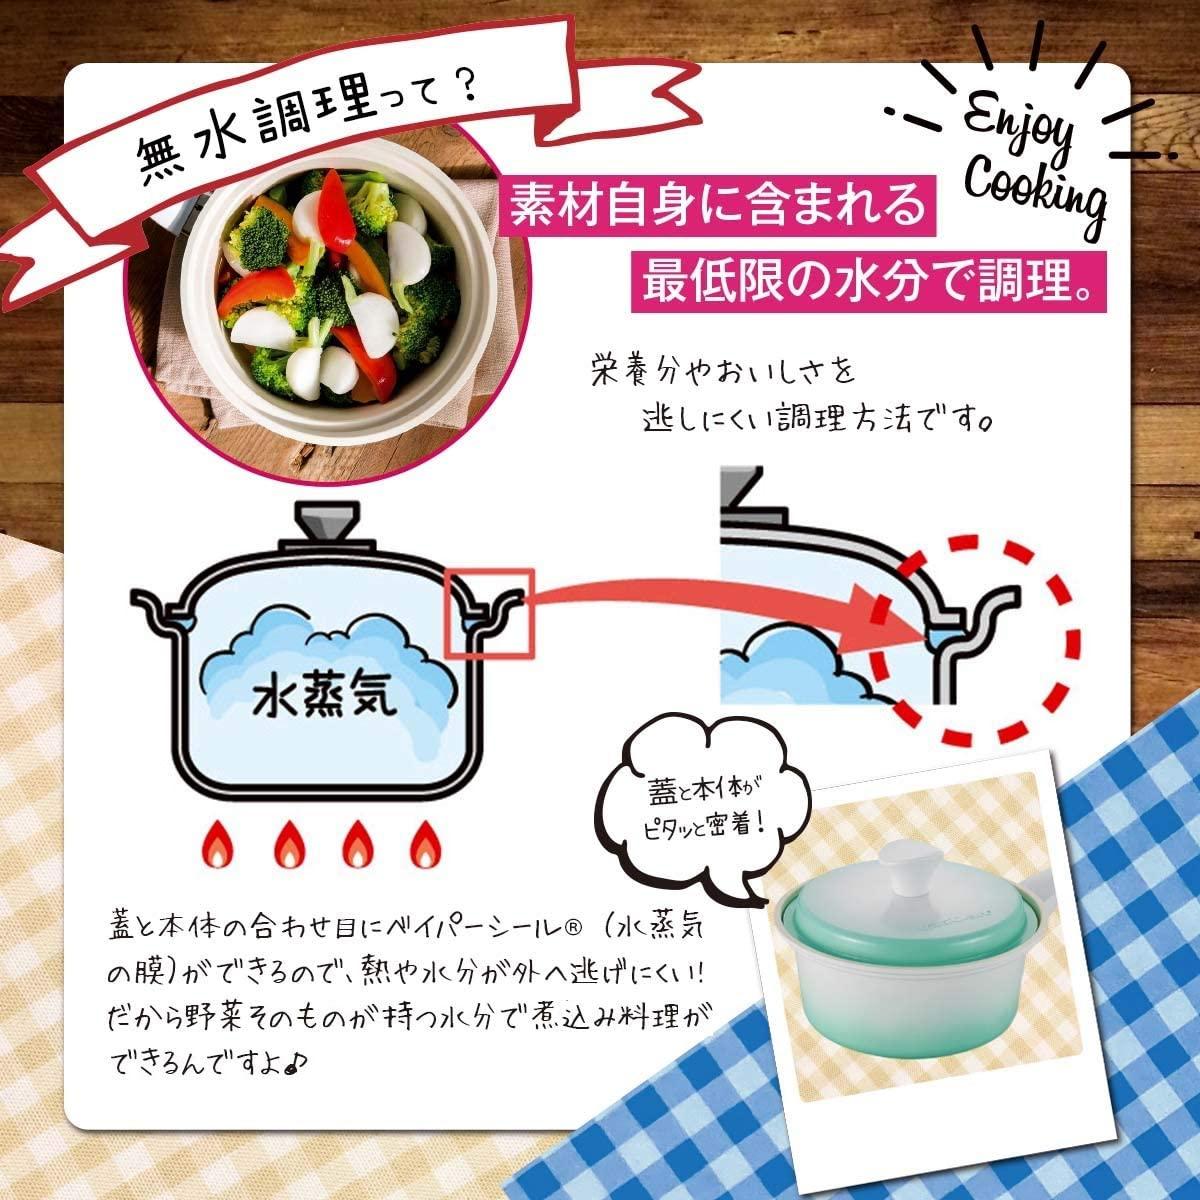 Vita Craft(ビタクラフト) ライト 片手鍋の商品画像4